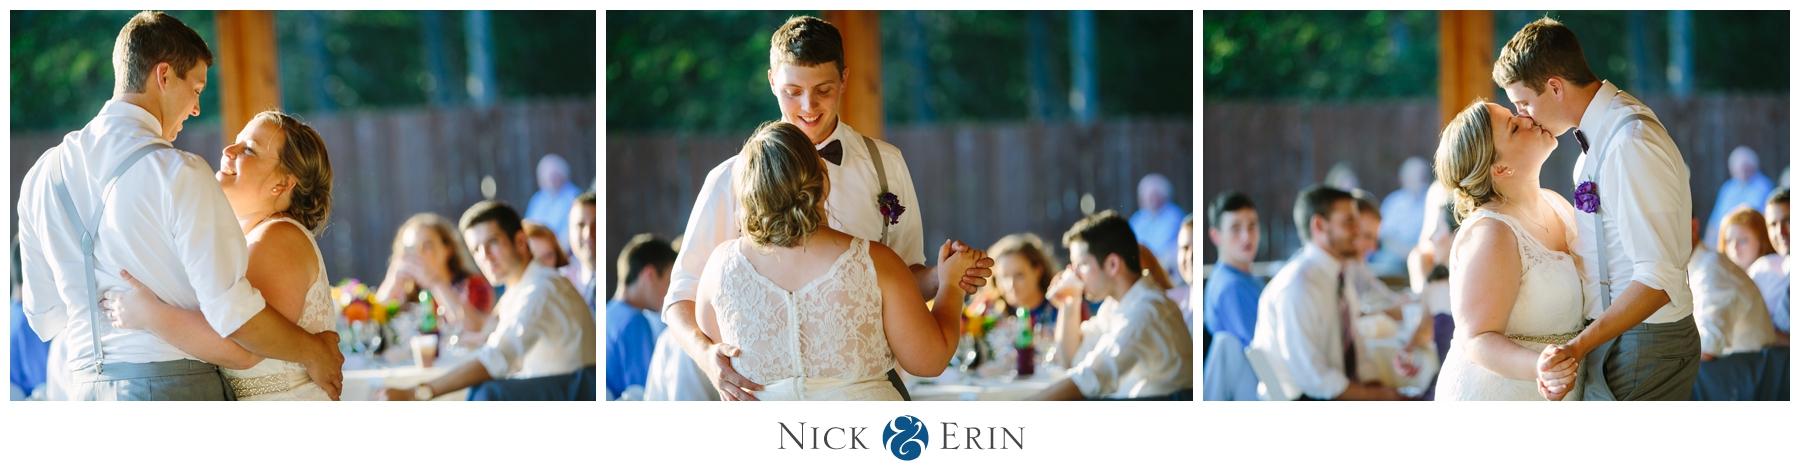 donner_photography_megan-corey-luray-virginia-wedding_0048